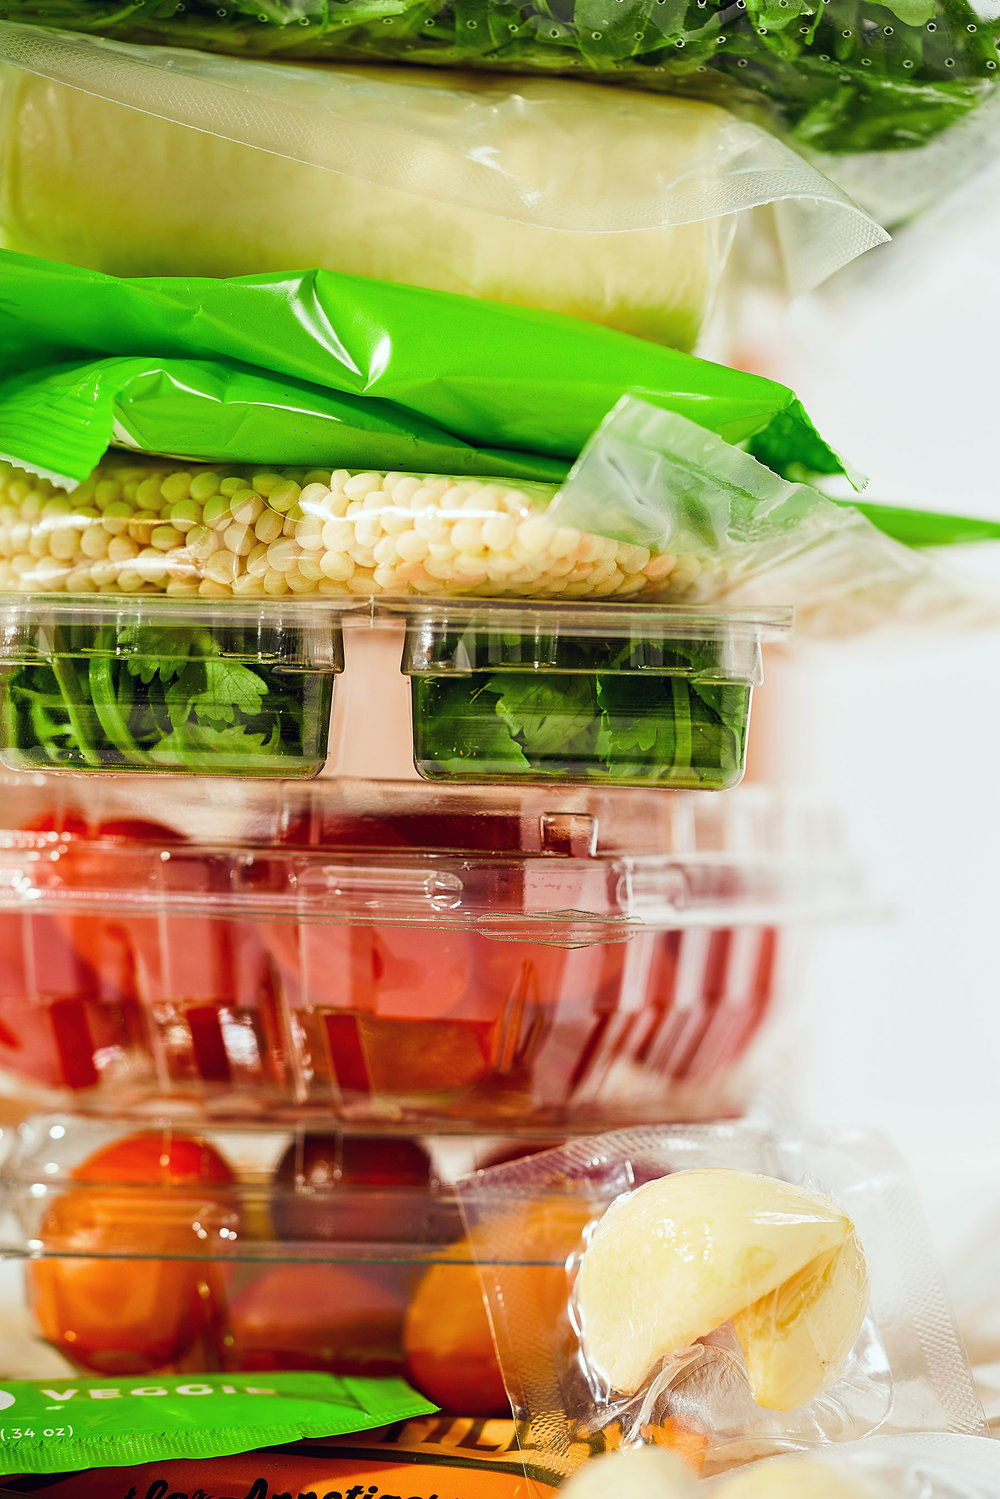 Meal_Kits-The_Dieline4516.jpg